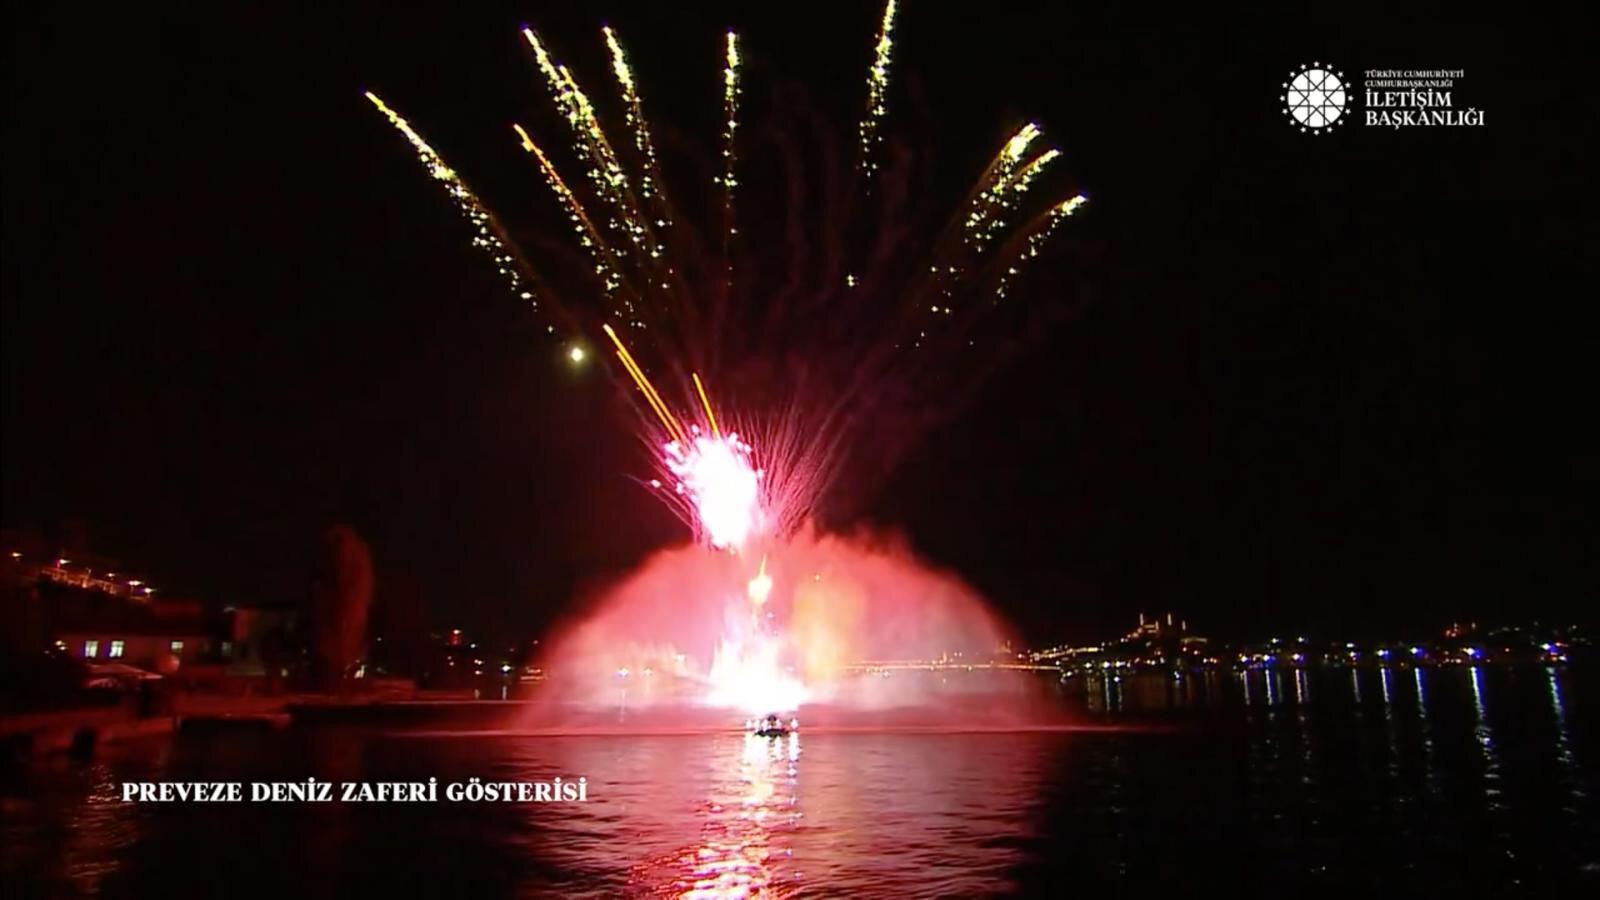 Preveze Deniz Zaferimizin coşkusu, İletişim Başkanlığı tarafından Haliç'te kutlandı.